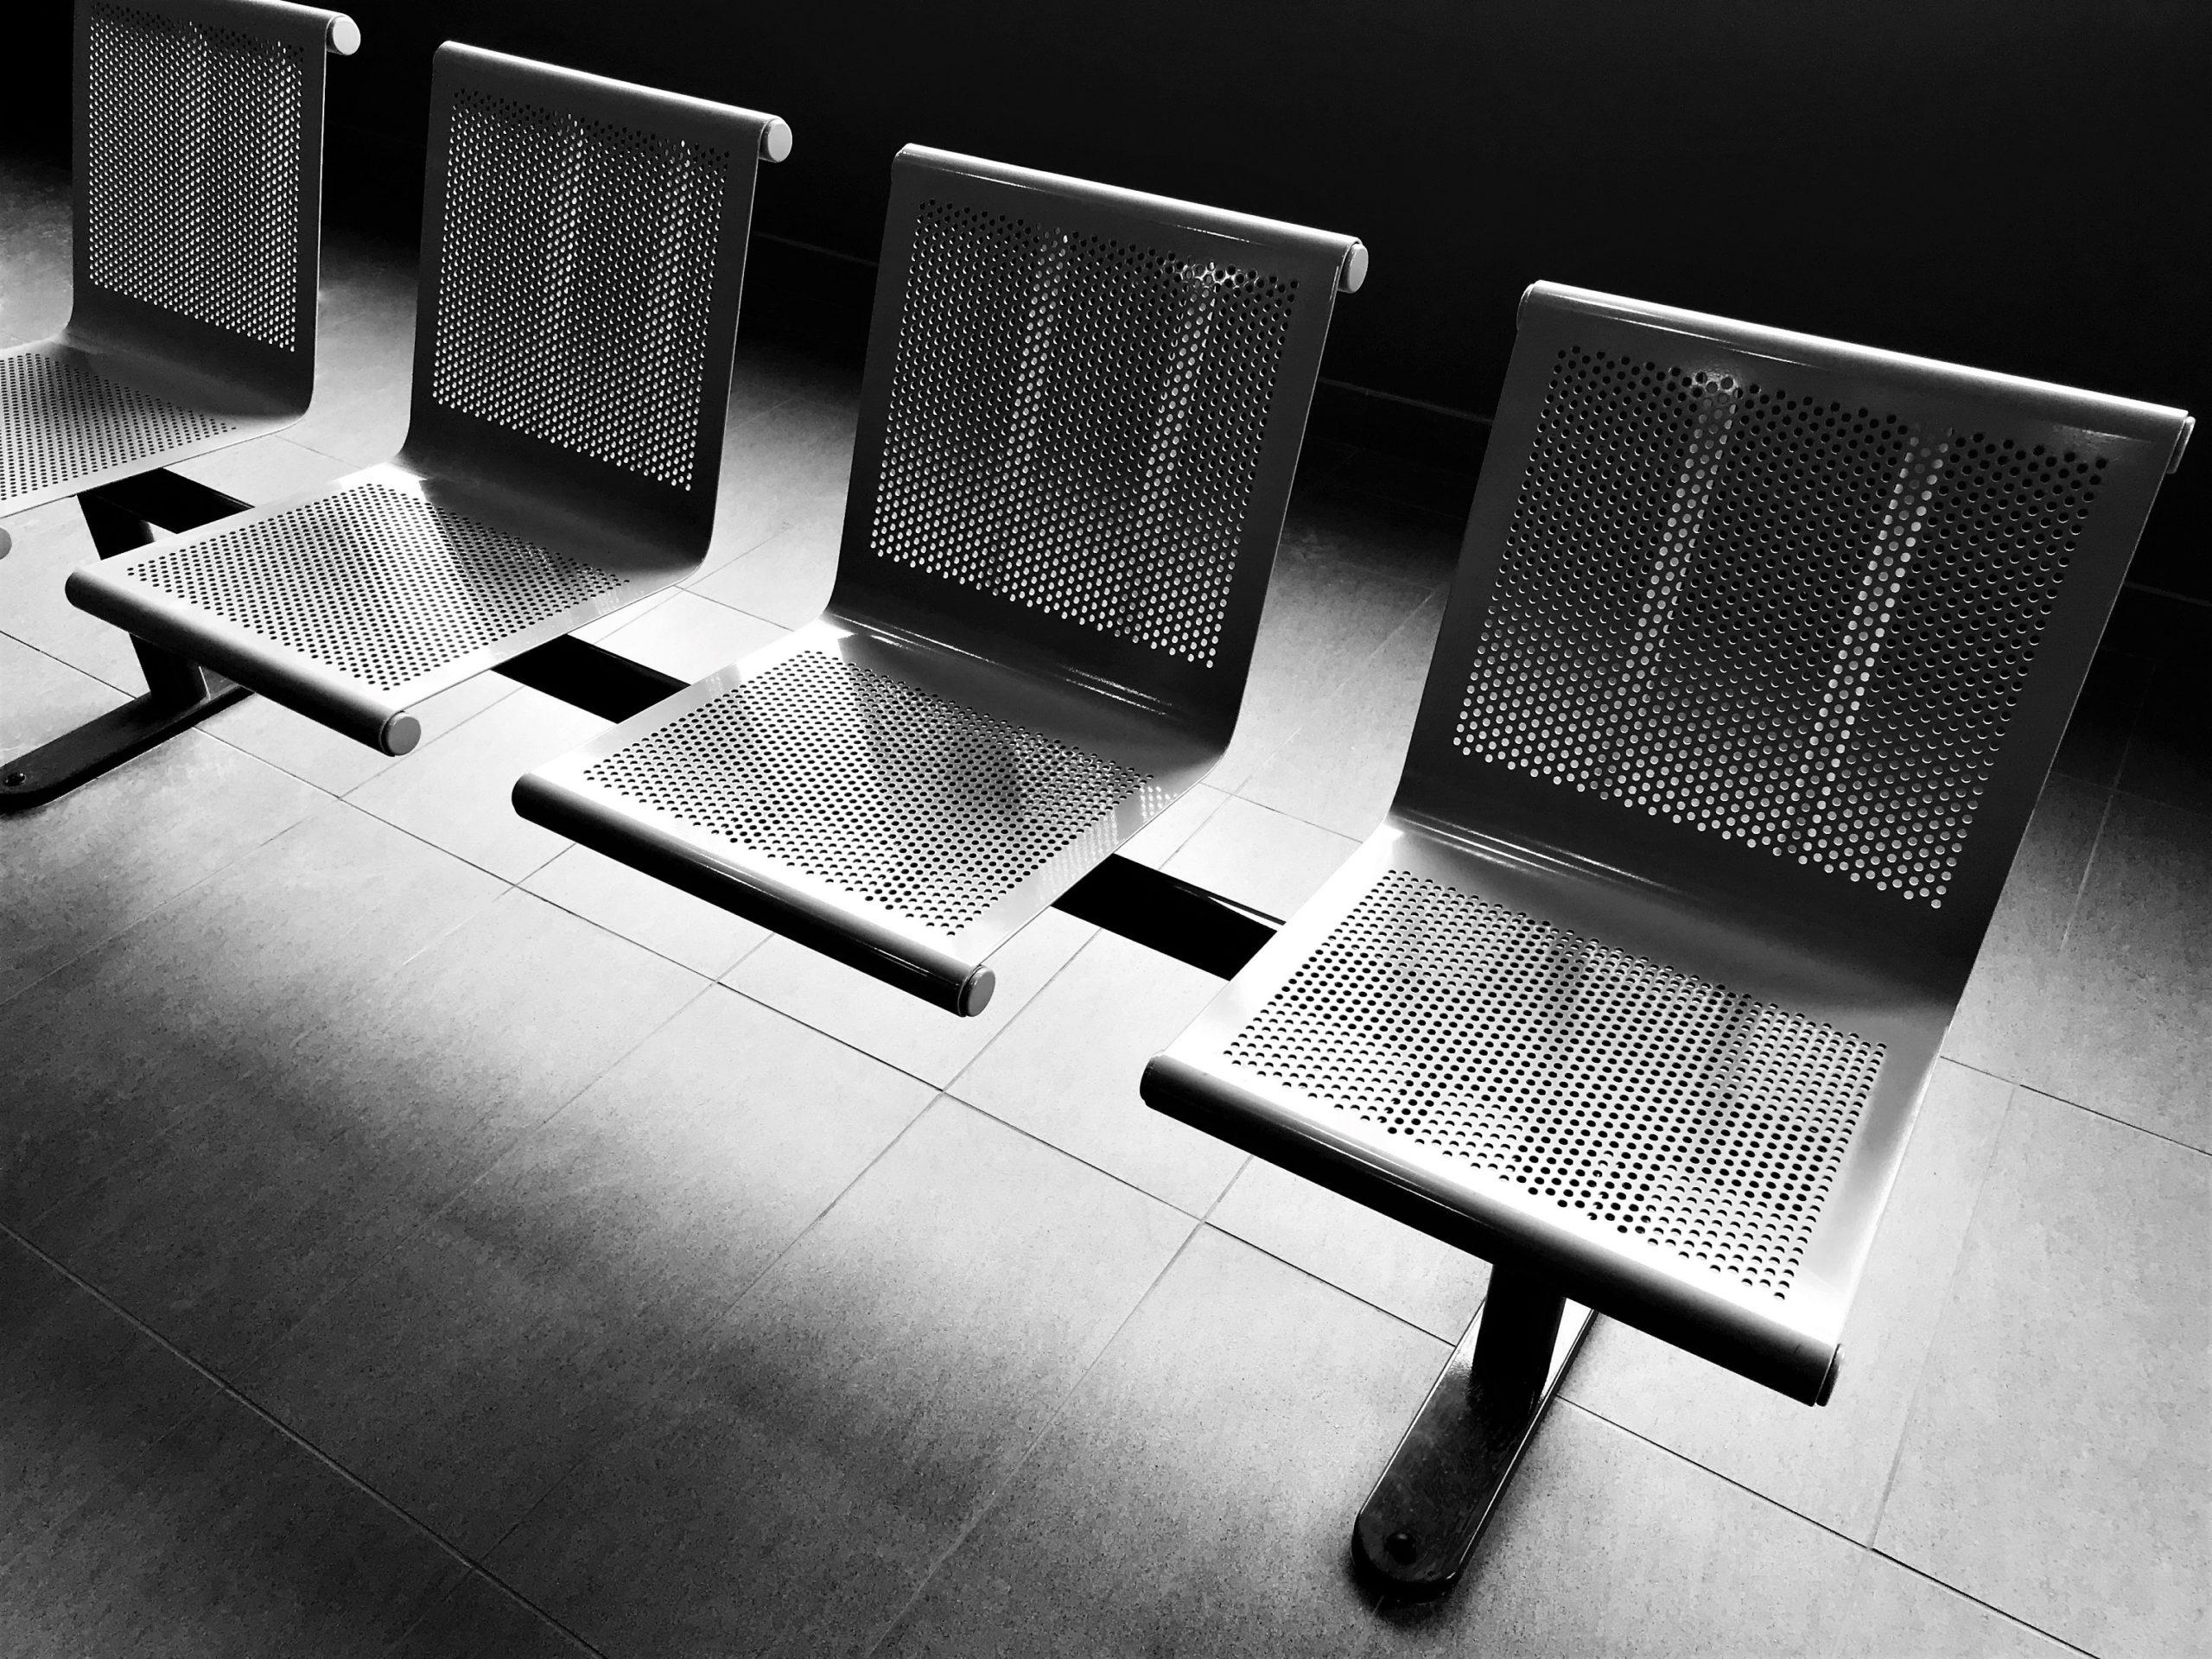 Please Wait and Take a Seat by Irene Pradyszczuk